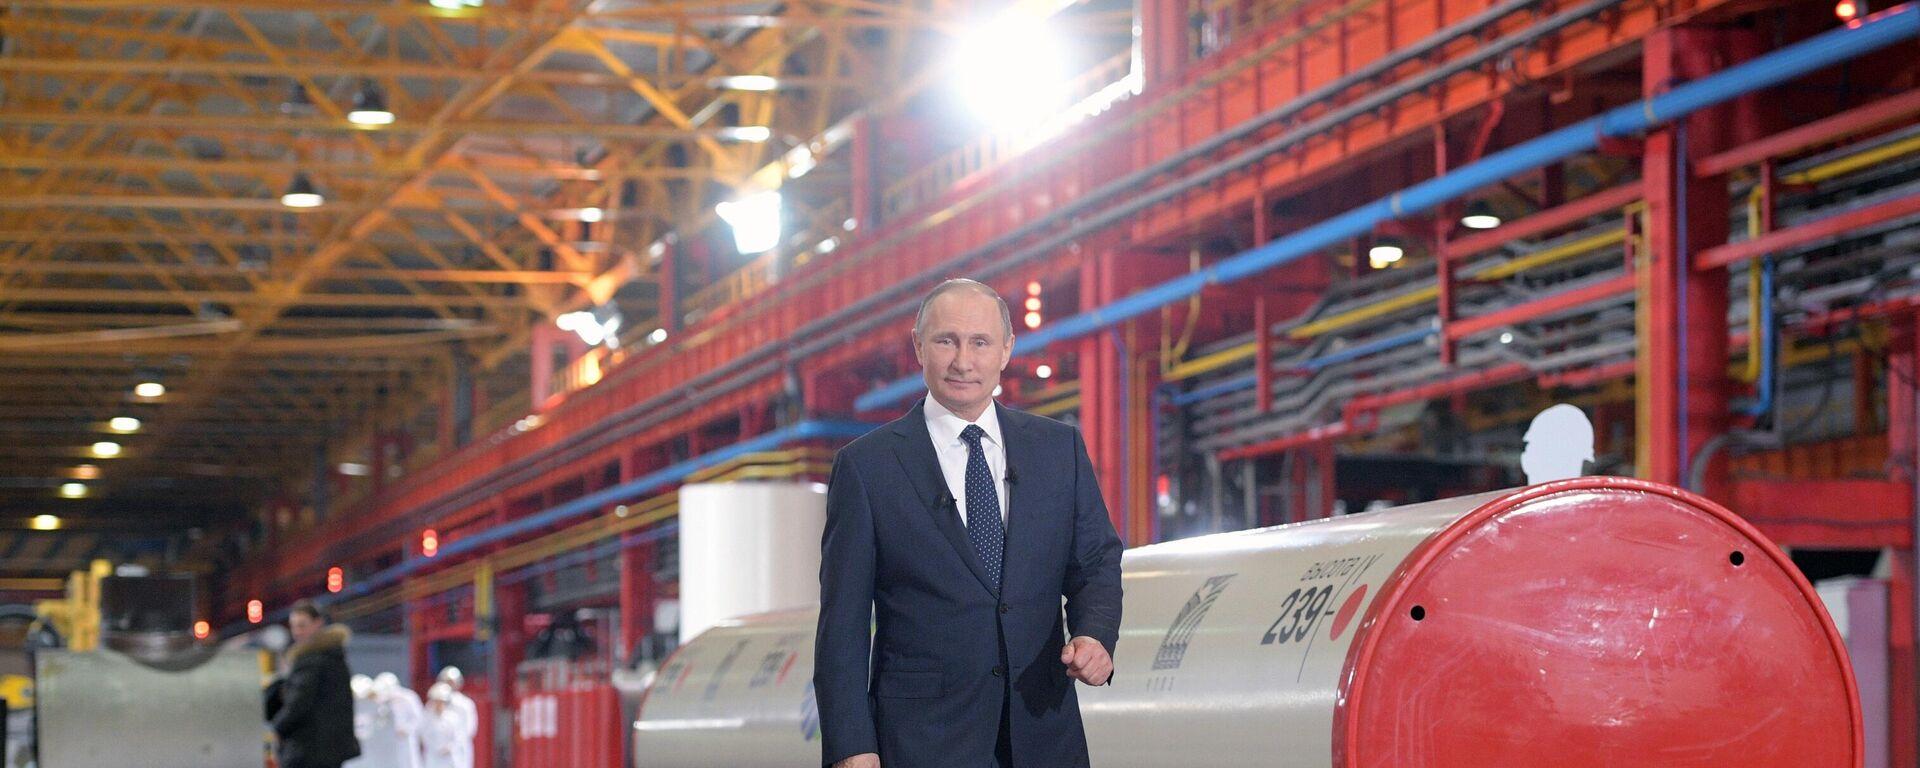 Vladimir Putin - Sputnik Italia, 1920, 06.10.2021